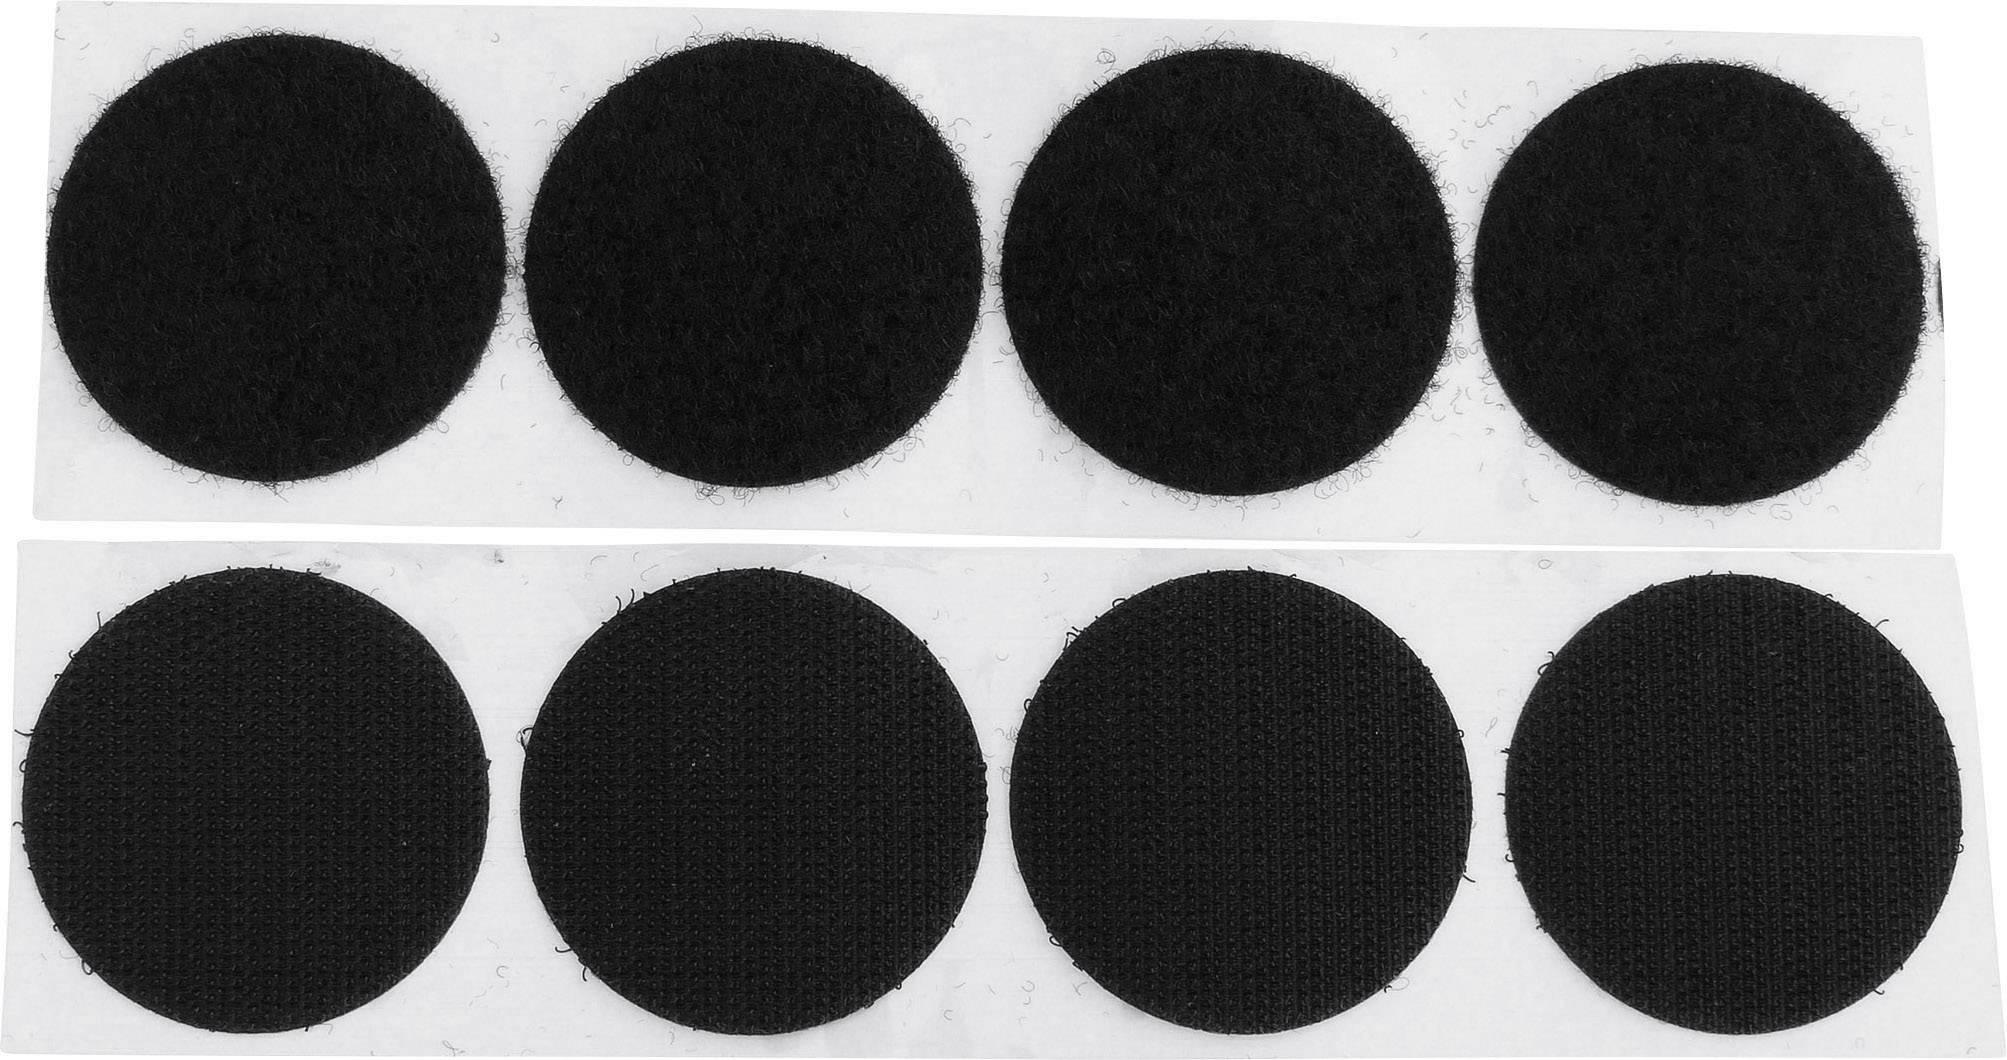 Lepiaci okrúhle suché zipsy TRU COMPONENTS 684-330-Bag 1586385, (Ø) 47 mm, čierna, 4 pár